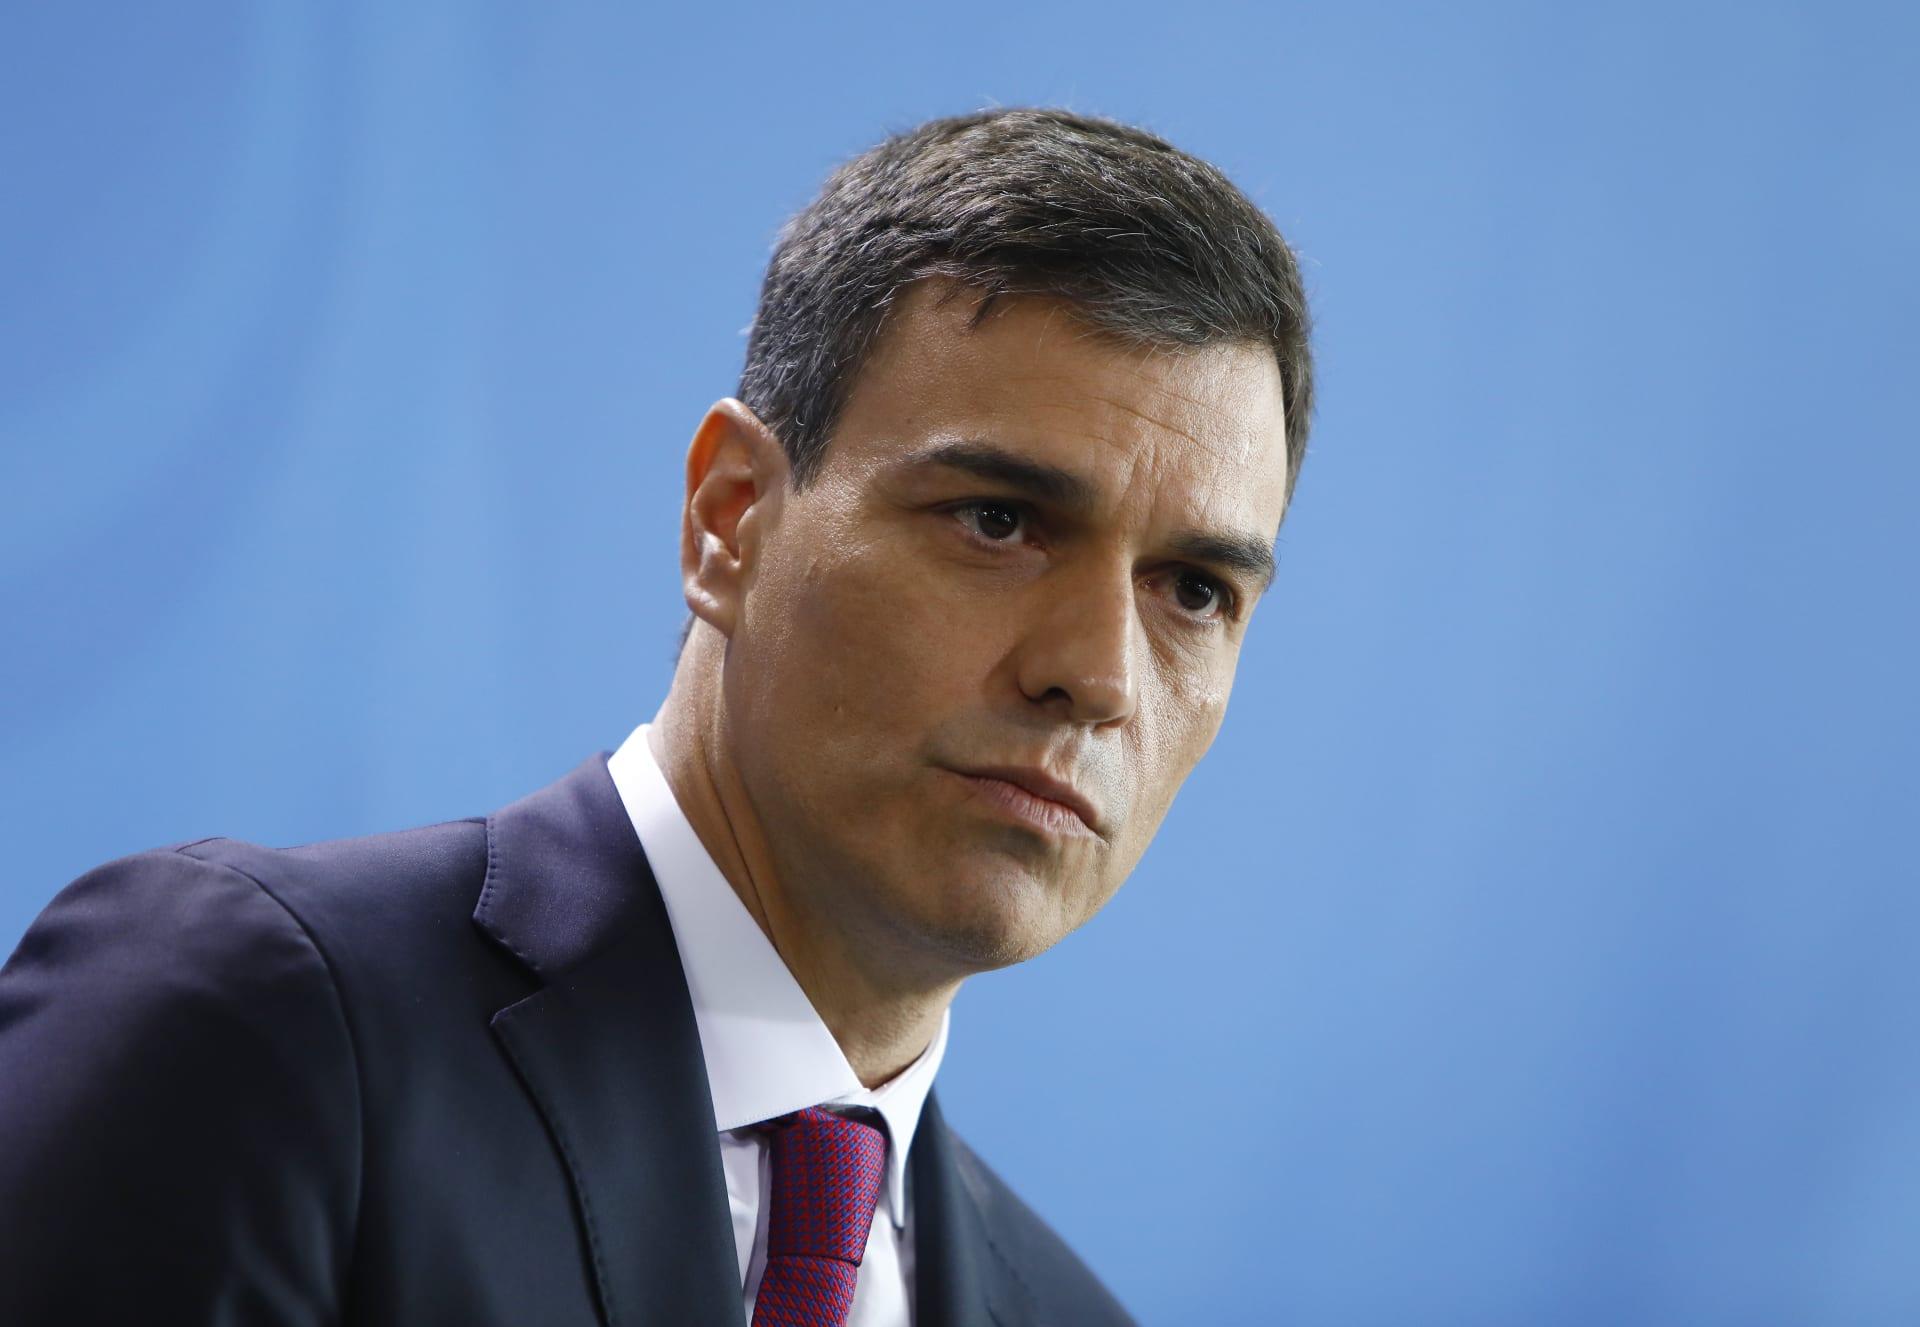 الشرطة تضبط رجلا خطط لقتل رئيس وزراء إسبانيا